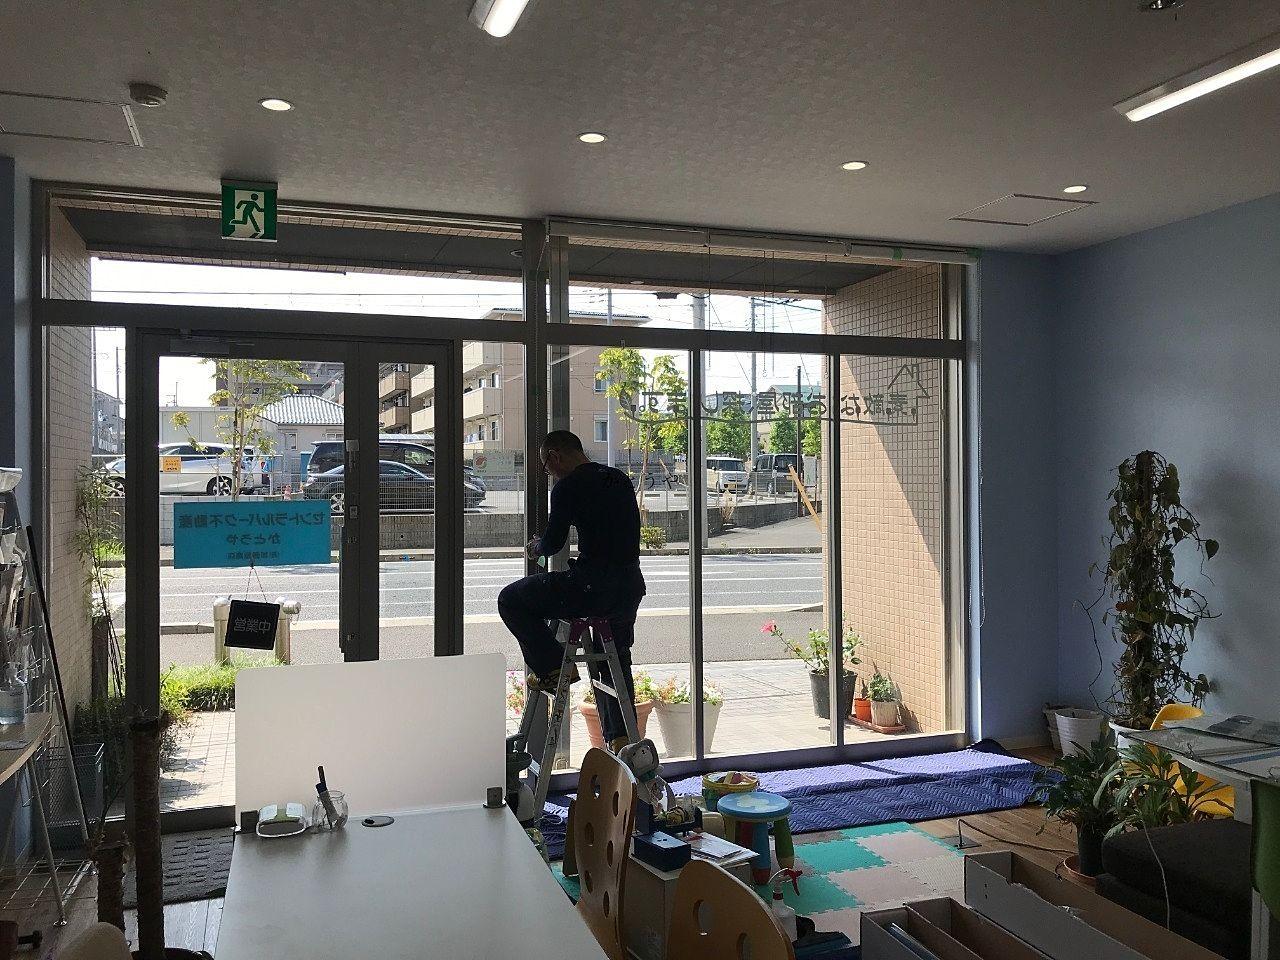 野田市の窓ガラスフィルム施工業者WORKSZEROさんのご紹介です。かとうやの窓は大きいので貼るのが大変そうです。